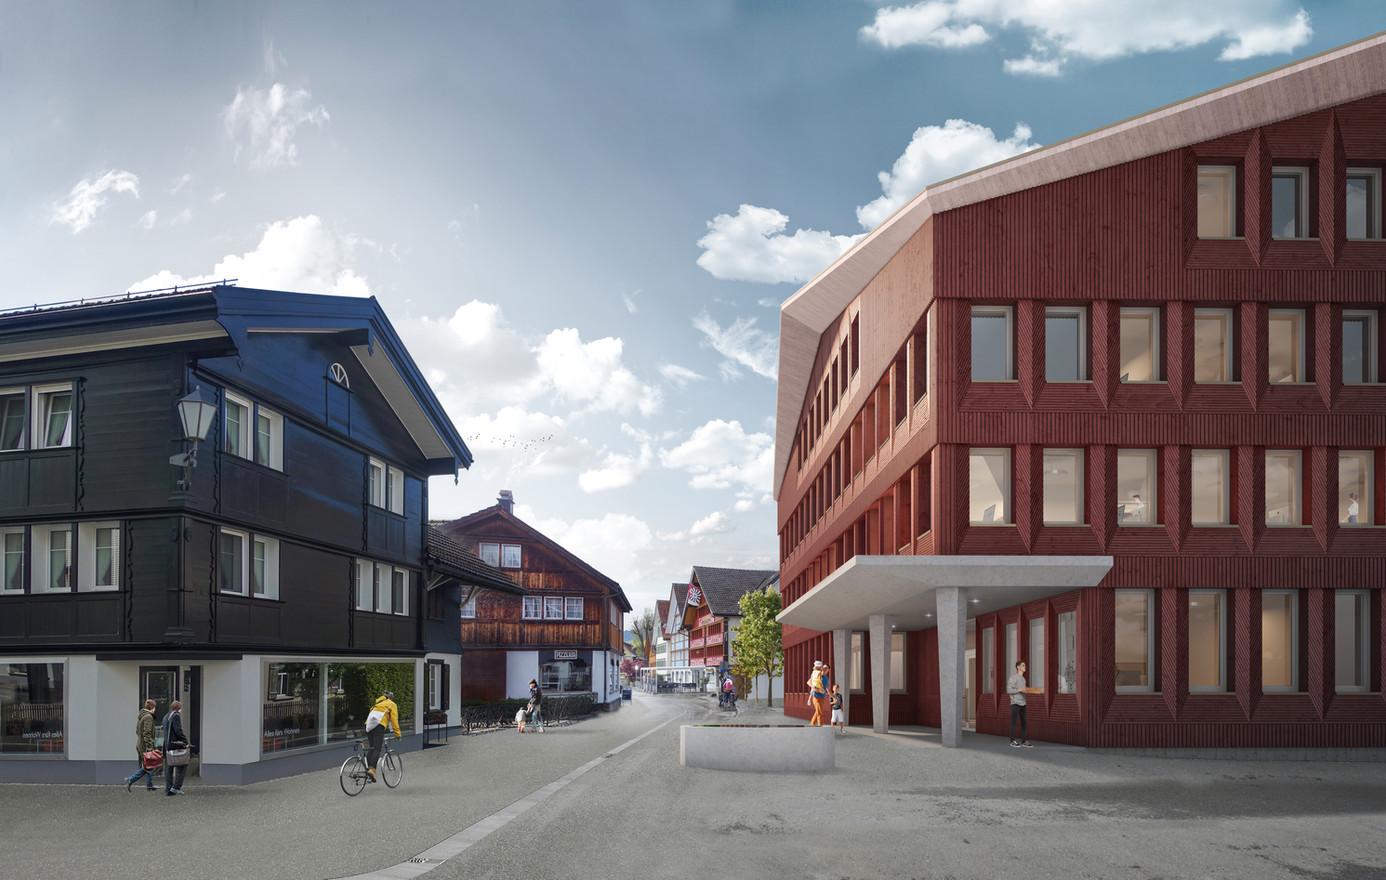 Verwaltungsgebäude Appenzell, 2020